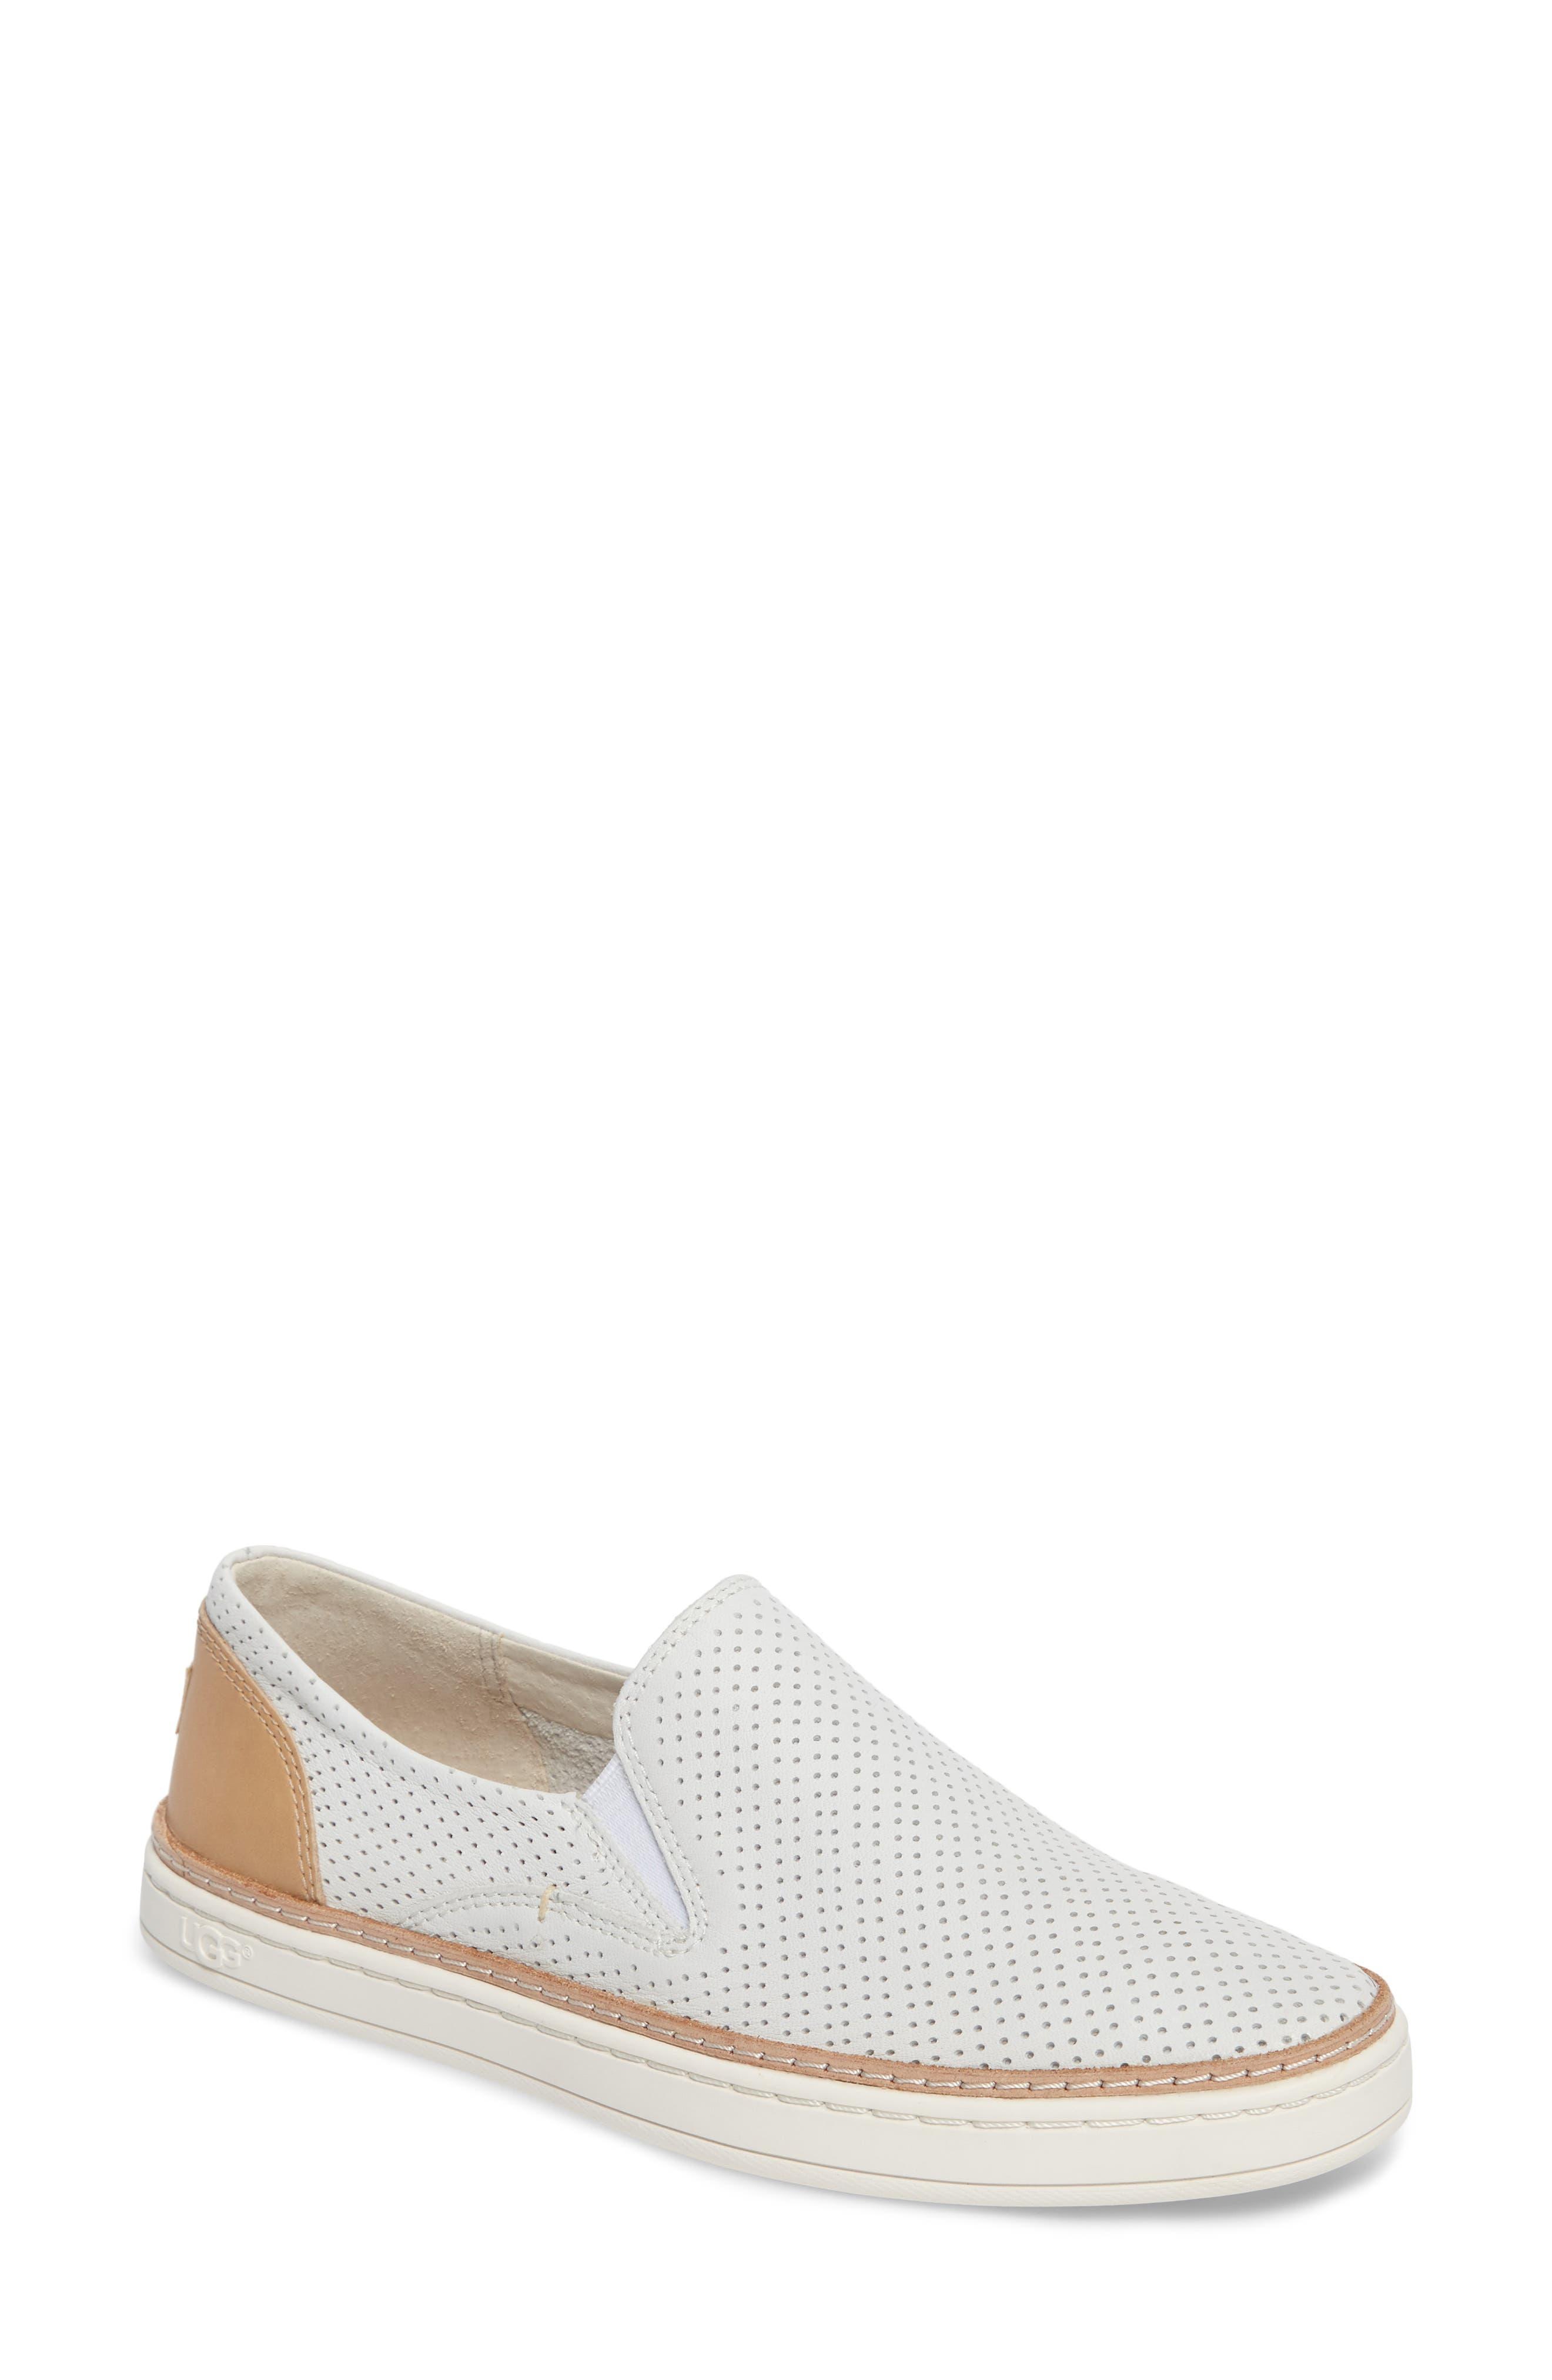 Adley Slip-On Sneaker,                             Main thumbnail 5, color,